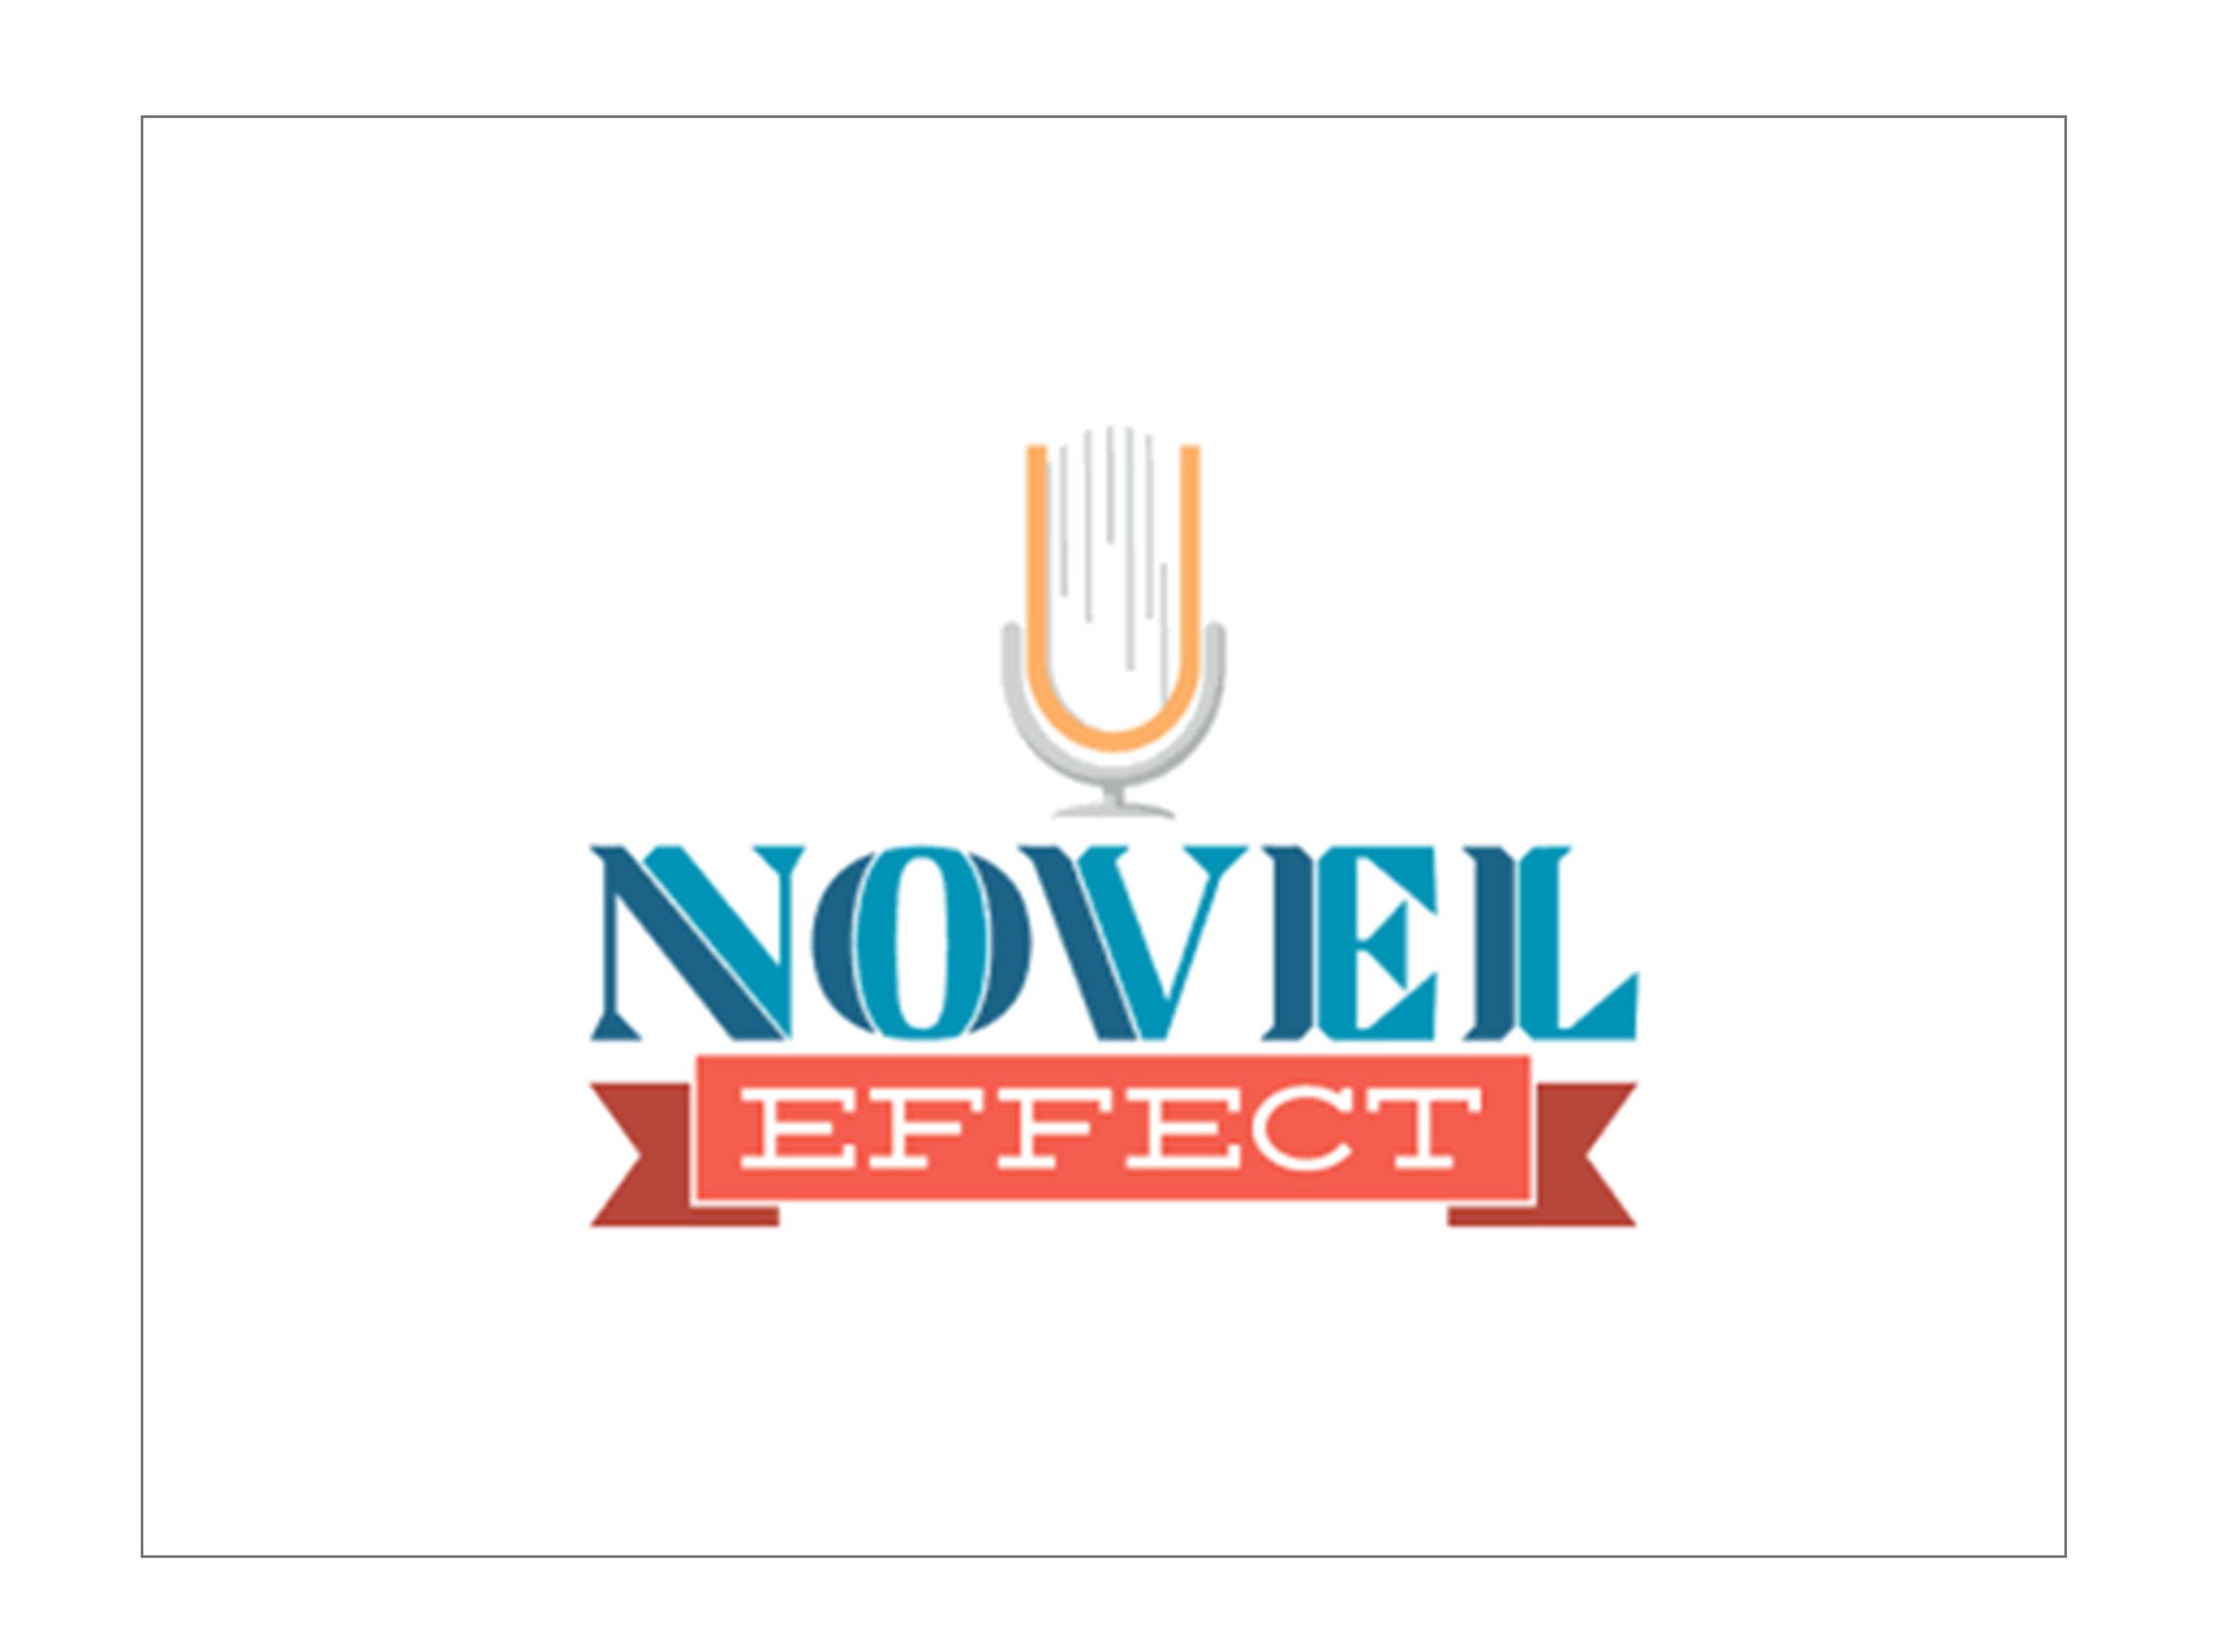 Novel_Effect.jpg